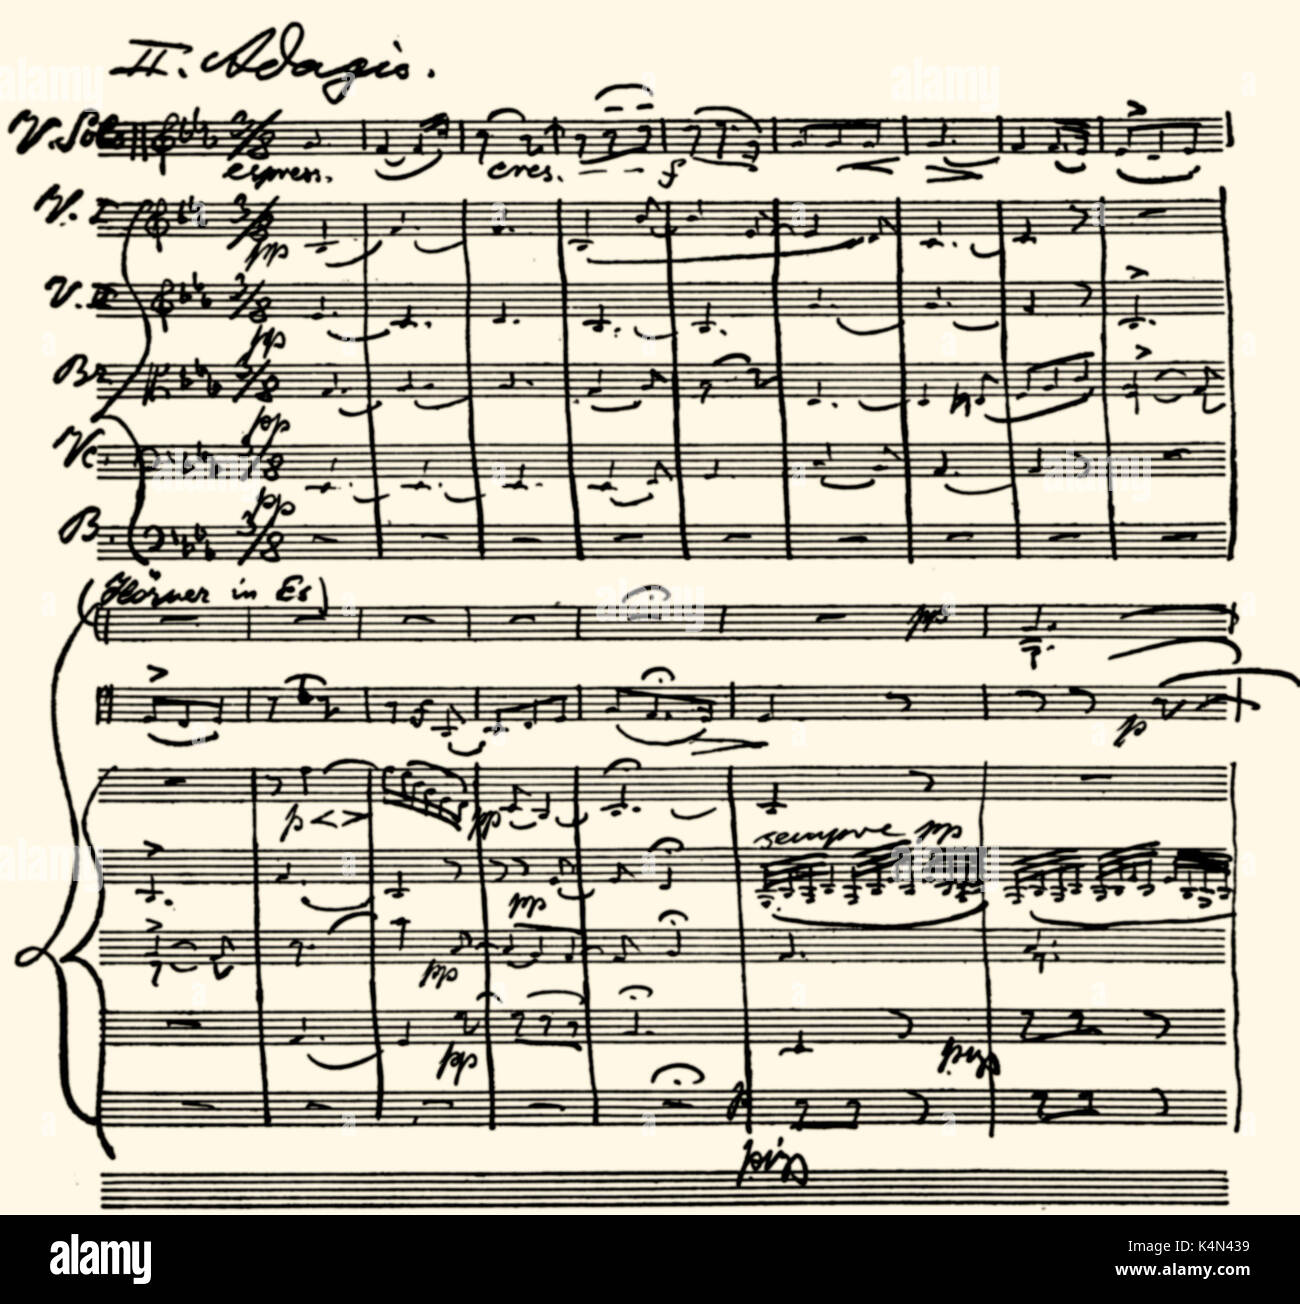 Max Bruch's Violin Concerto in G-Minor 2nd movement, score in the